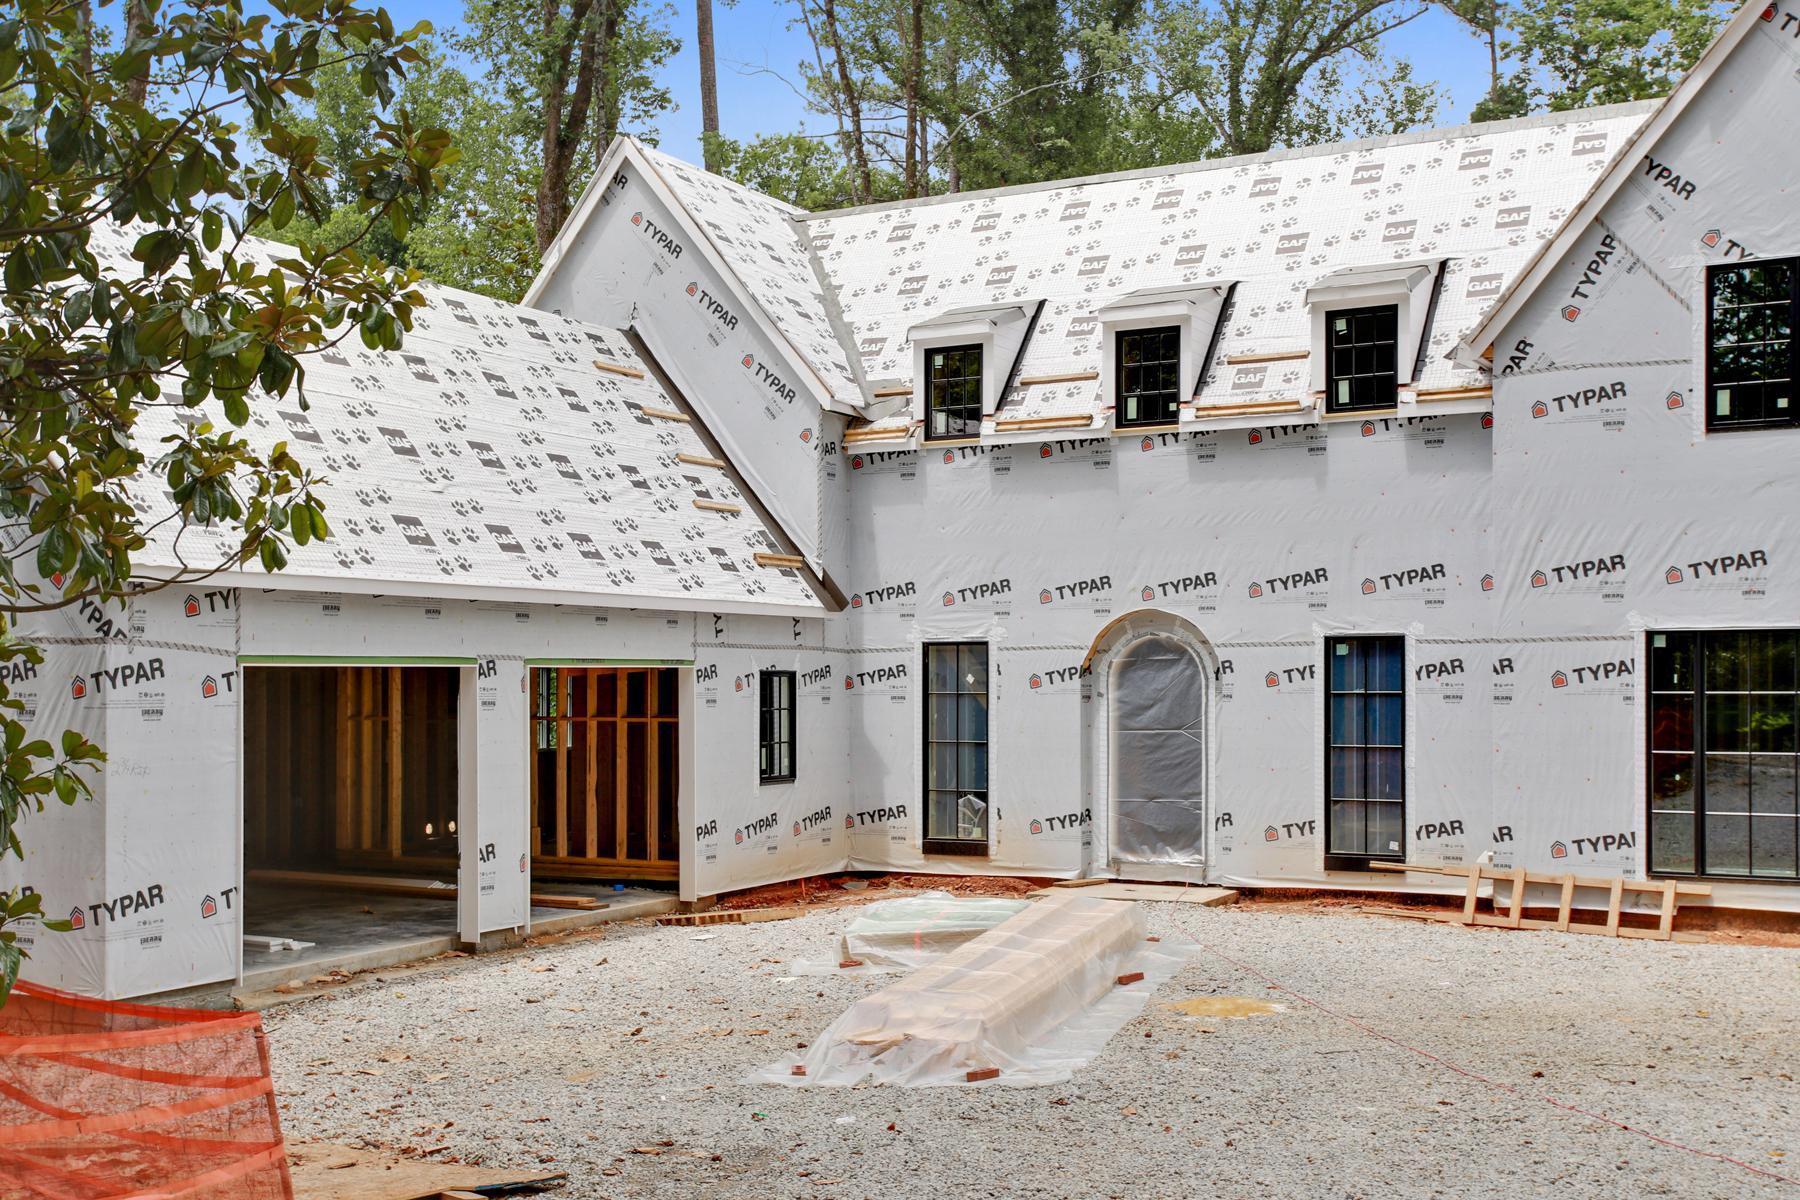 Moradia para Venda às Classic Traditional Design With A Contemporary Edge 4560 Peachtree Dunwoody Road NE Sandy Springs, Geórgia 30342 Estados Unidos